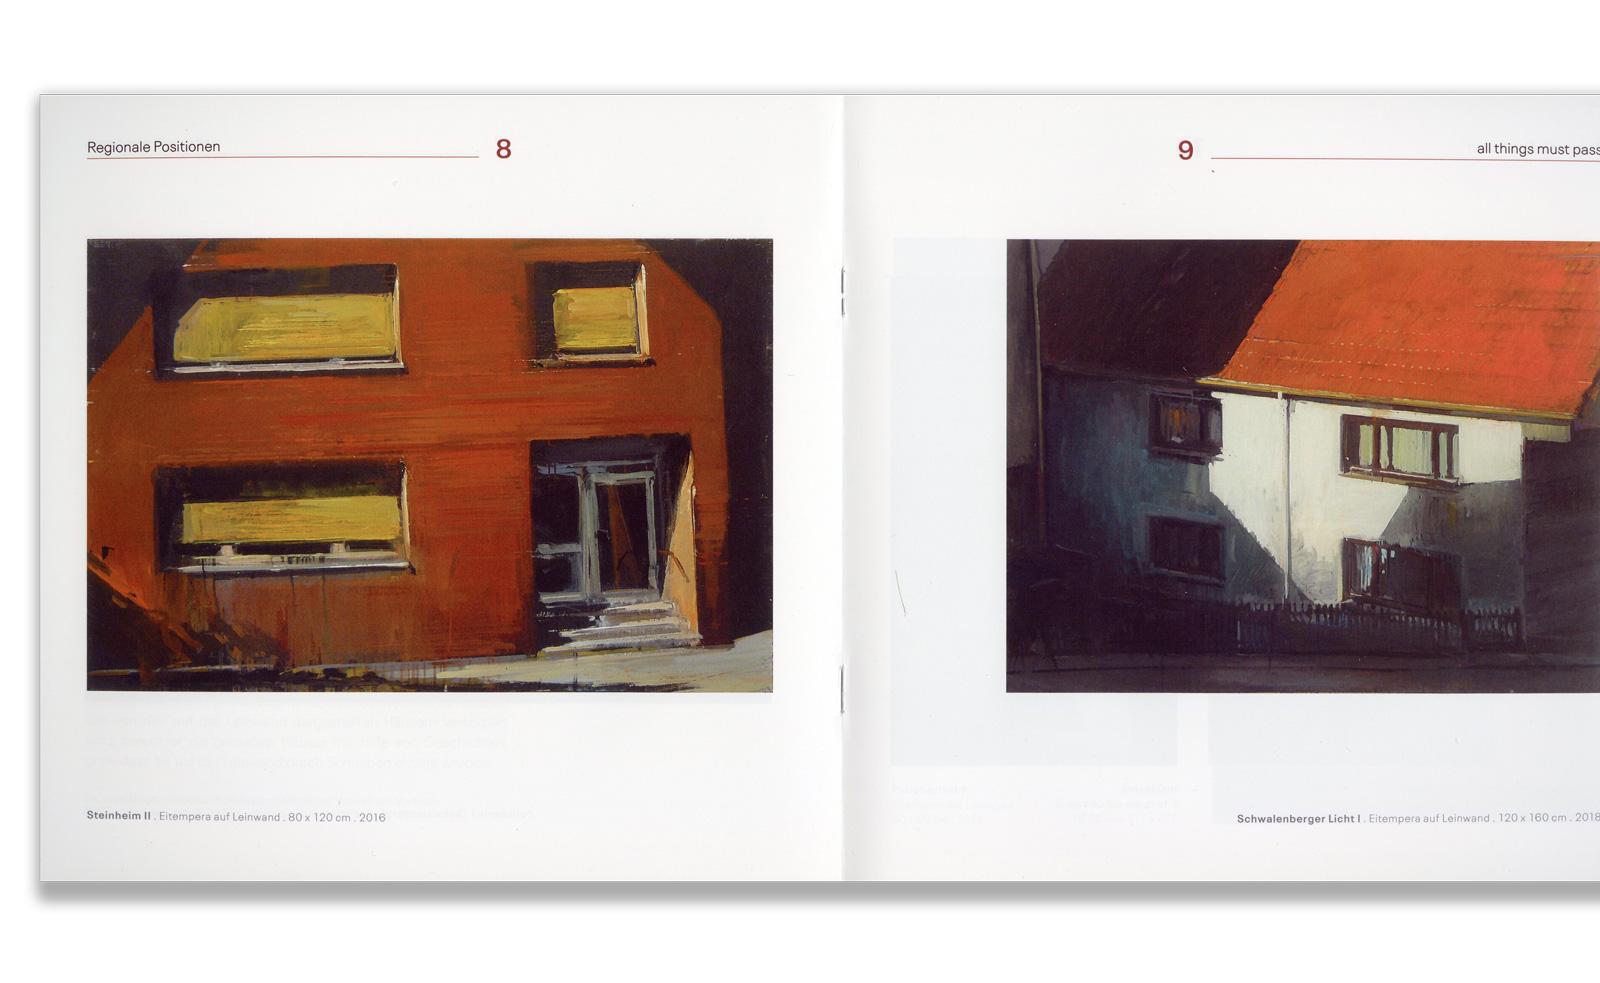 Jürgen-Noltensmeier-All-Things-Must-Pass-Krautin-Verlag2